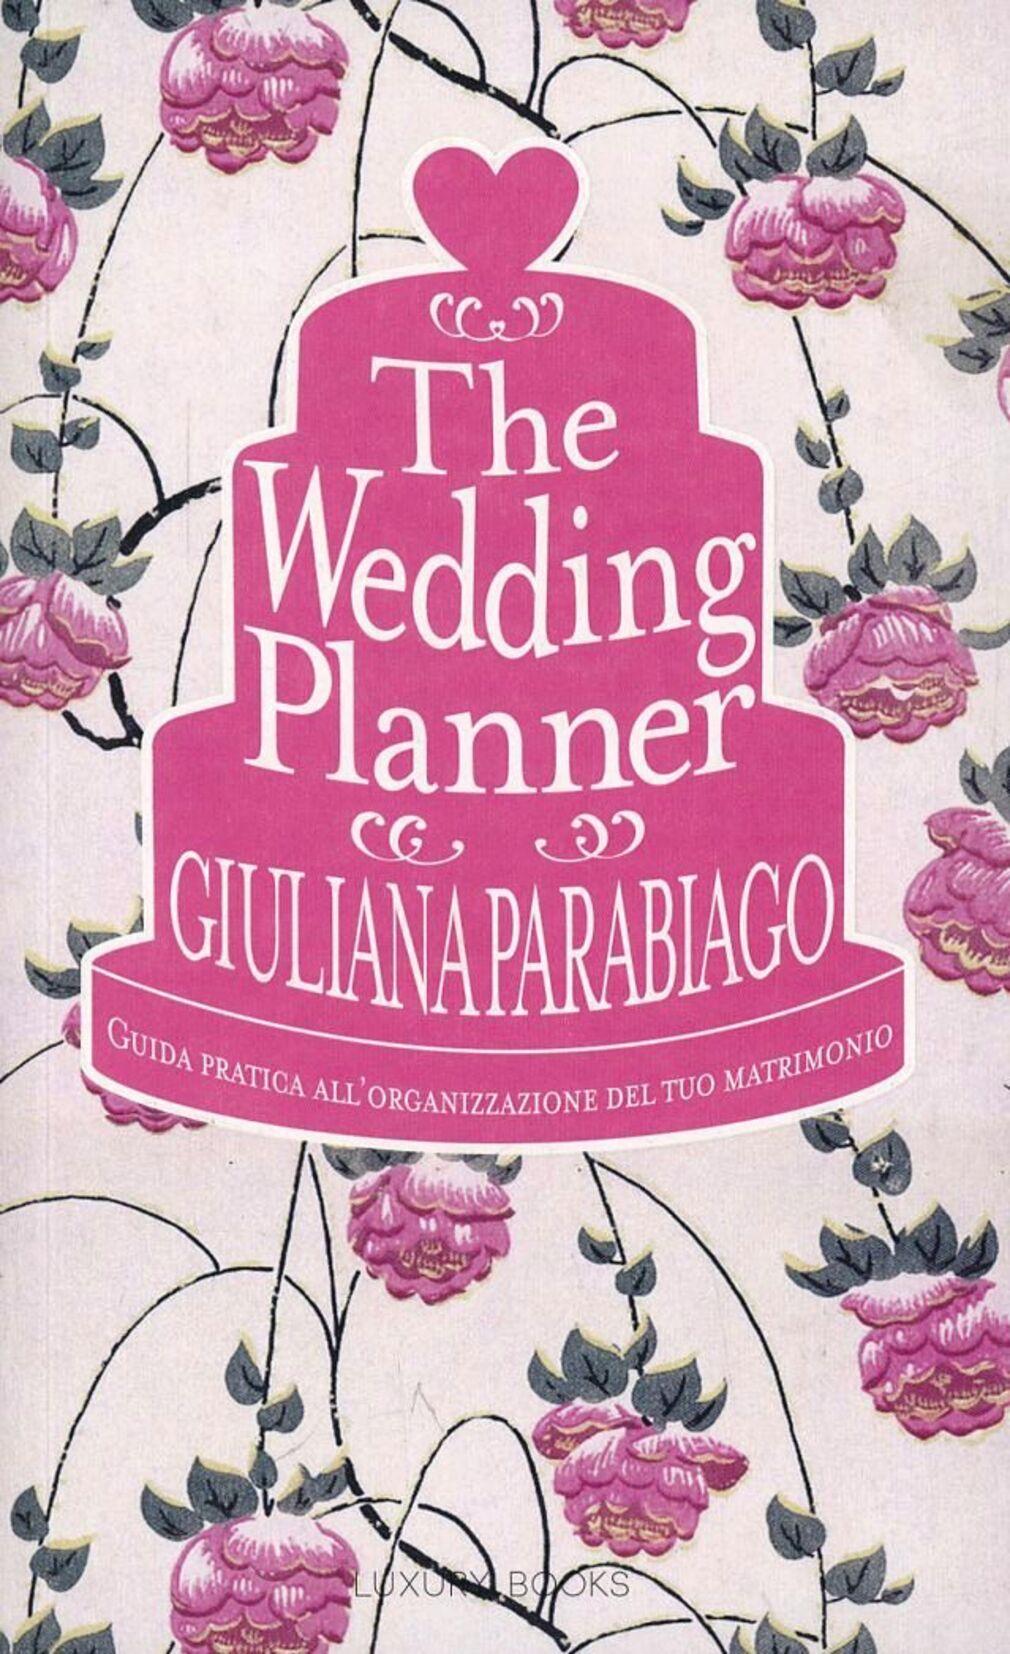 The wedding planner. Guida pratica all'organizzazione del tuo matrimonio